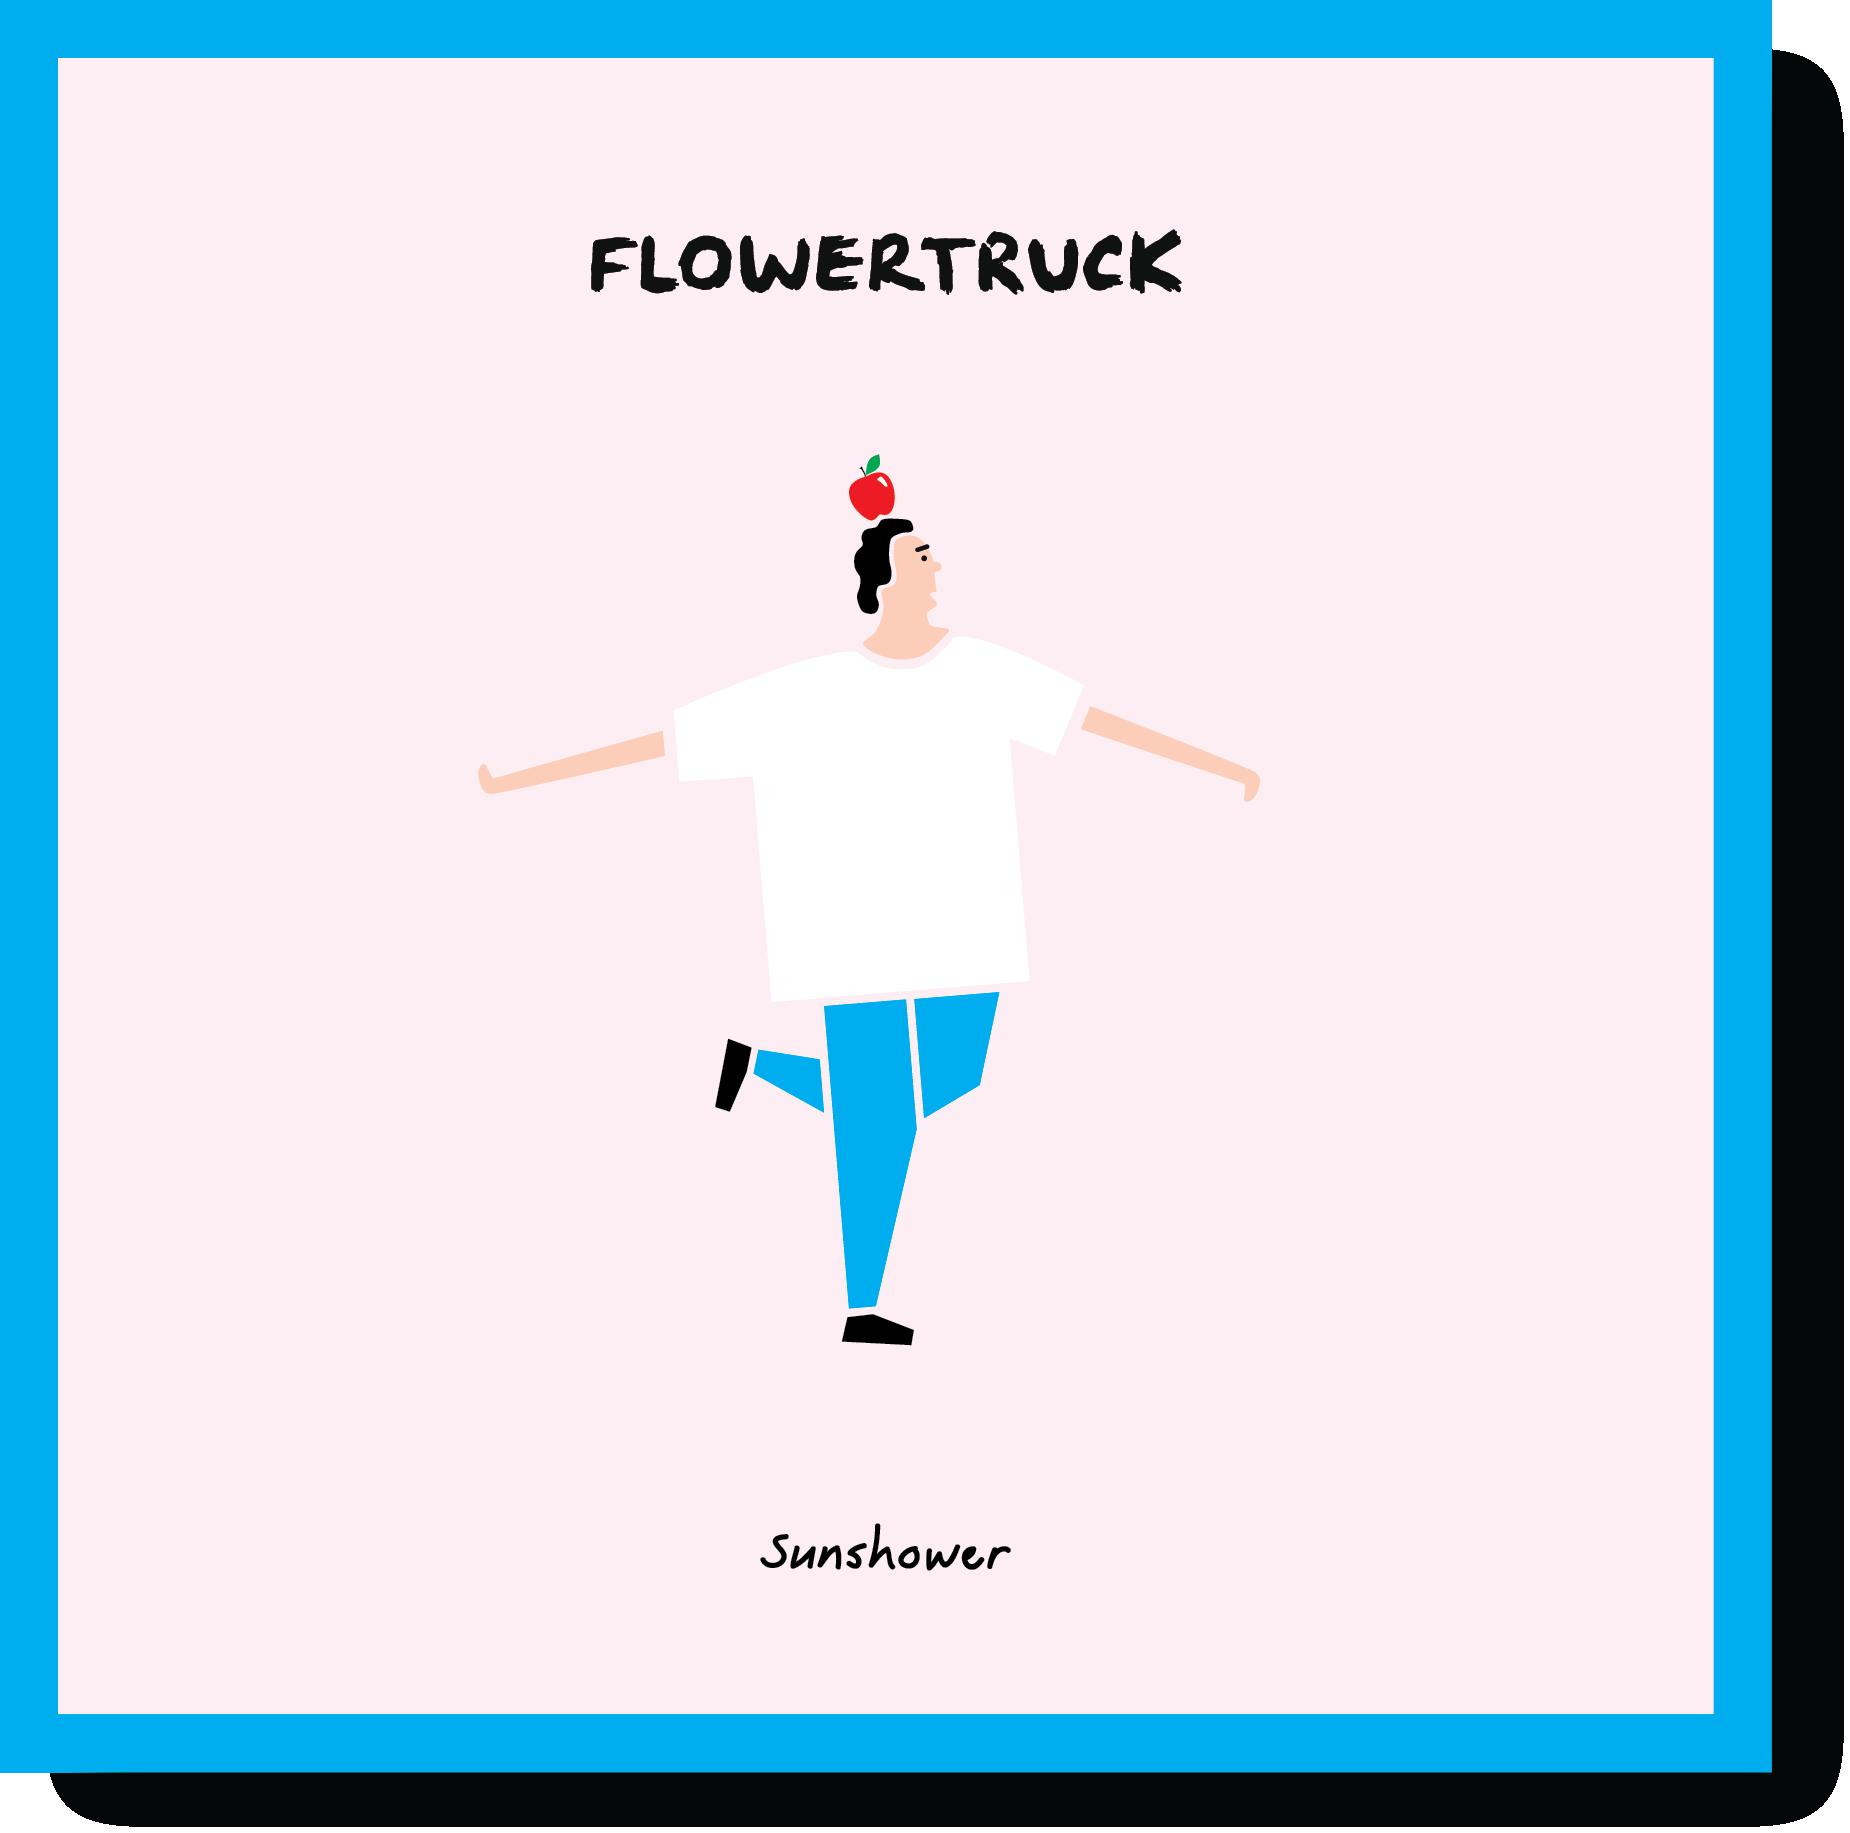 Flowertruck 'Sunshower' single cover design